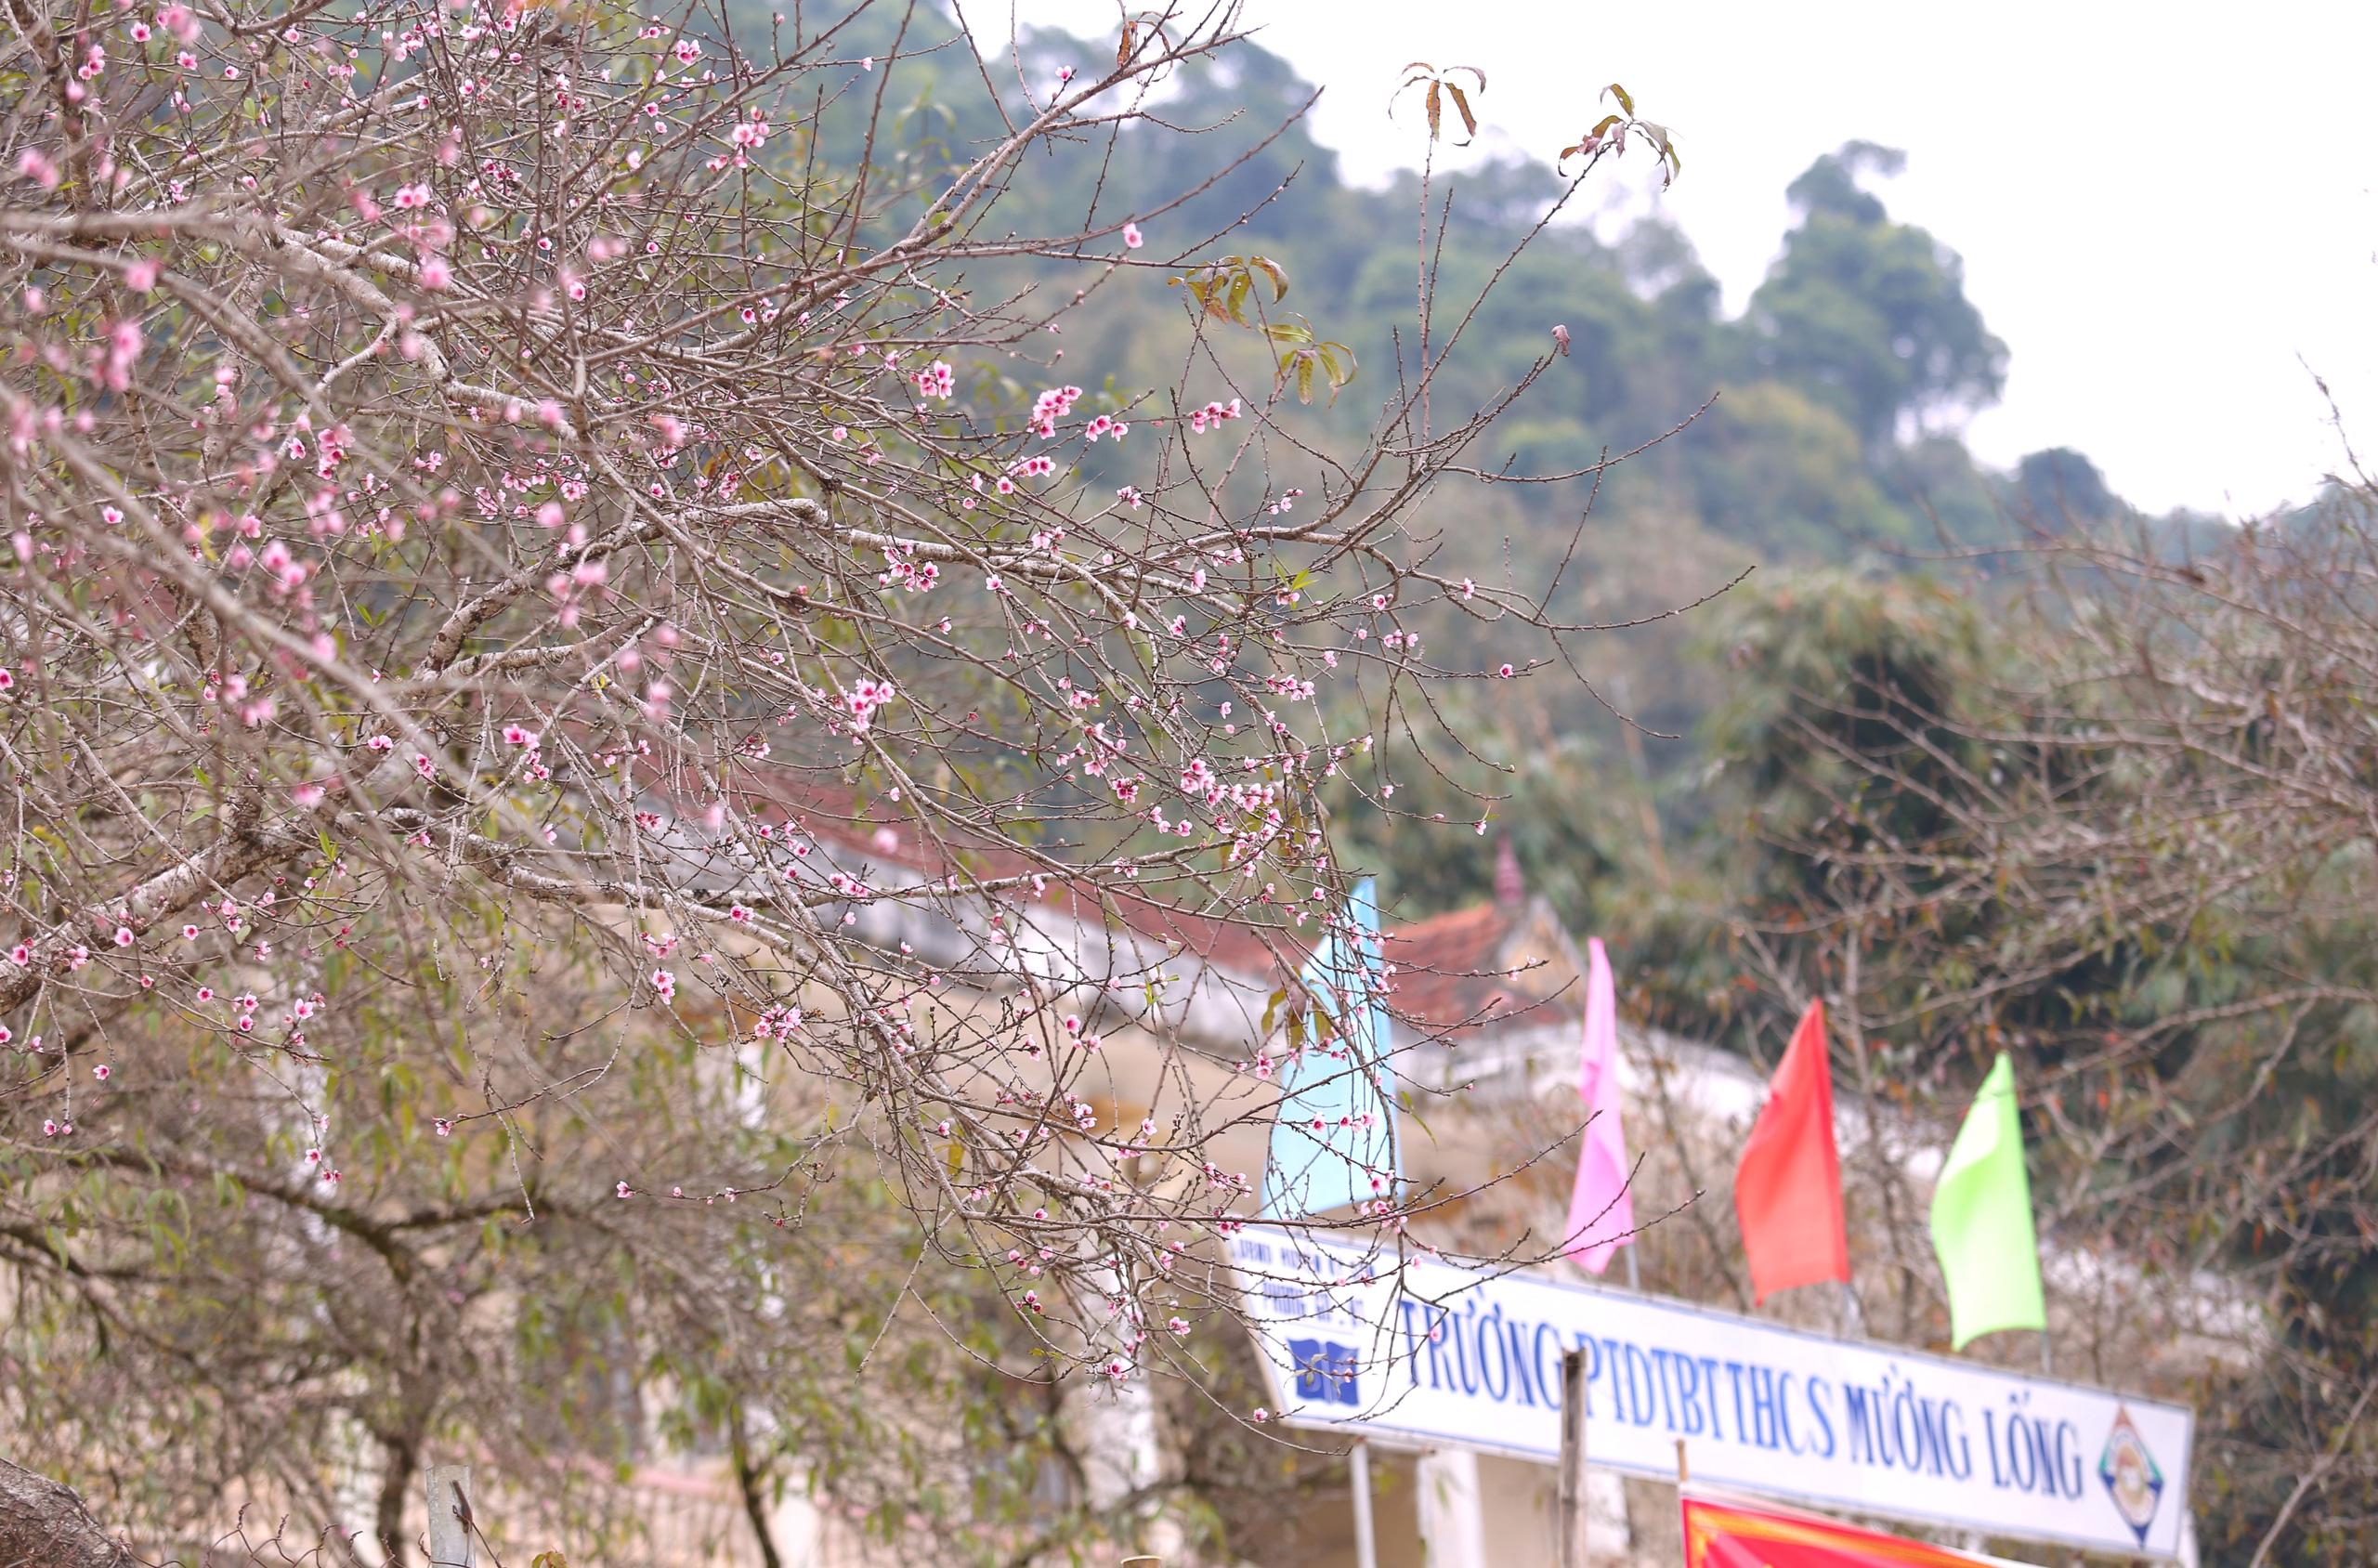 Nghệ An: Hoa đào, hoa mận nở bung tuyệt đẹp trong giá rét trước khi Tết về - Ảnh 2.